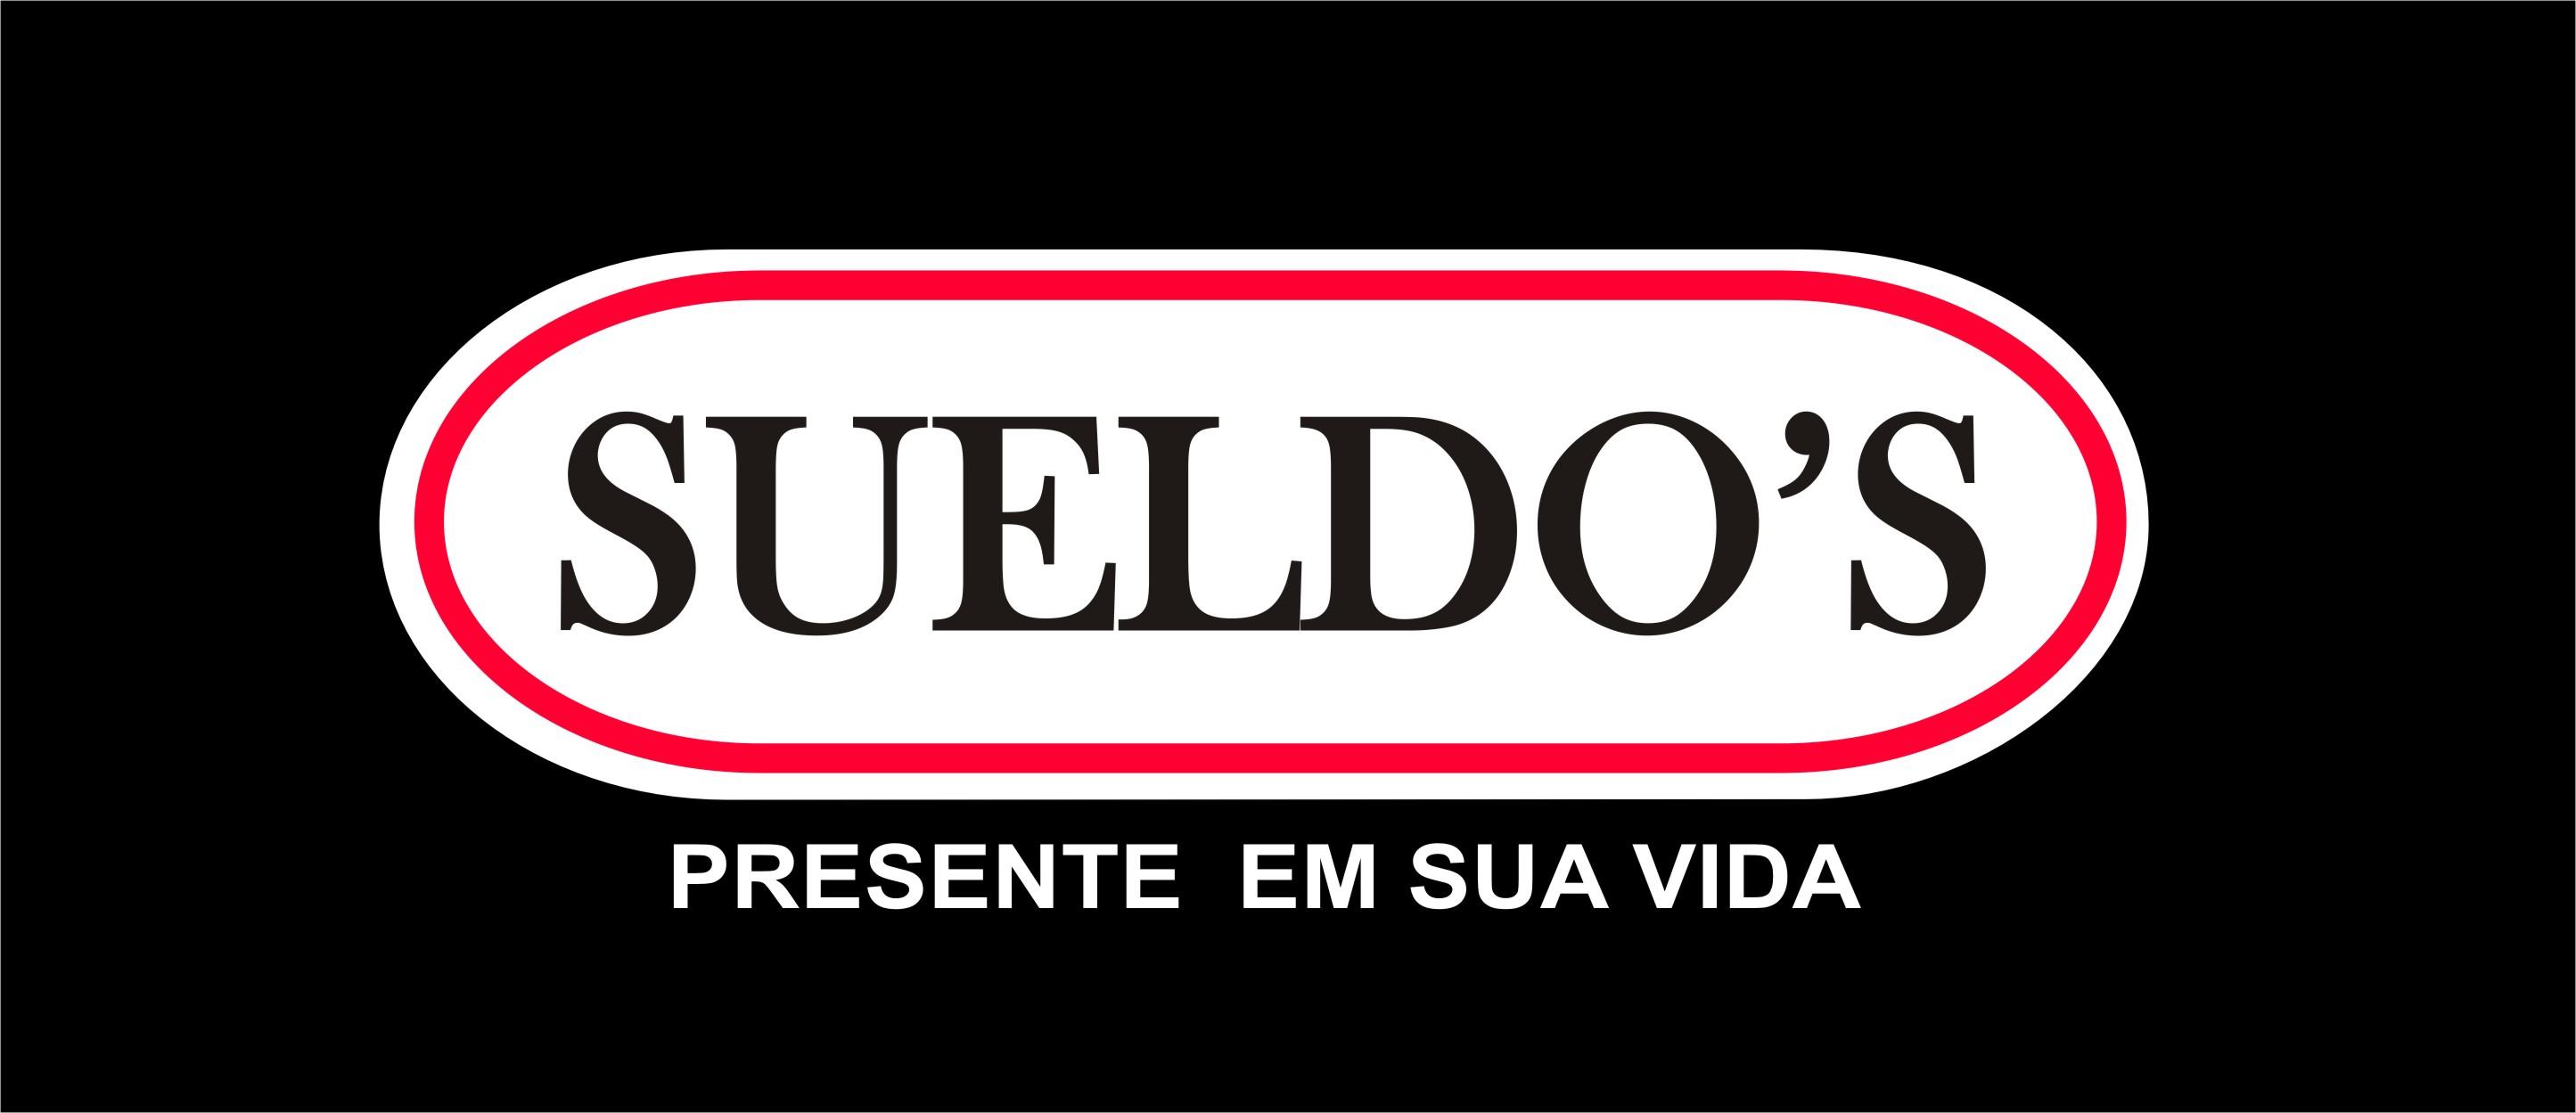 Sueldo's